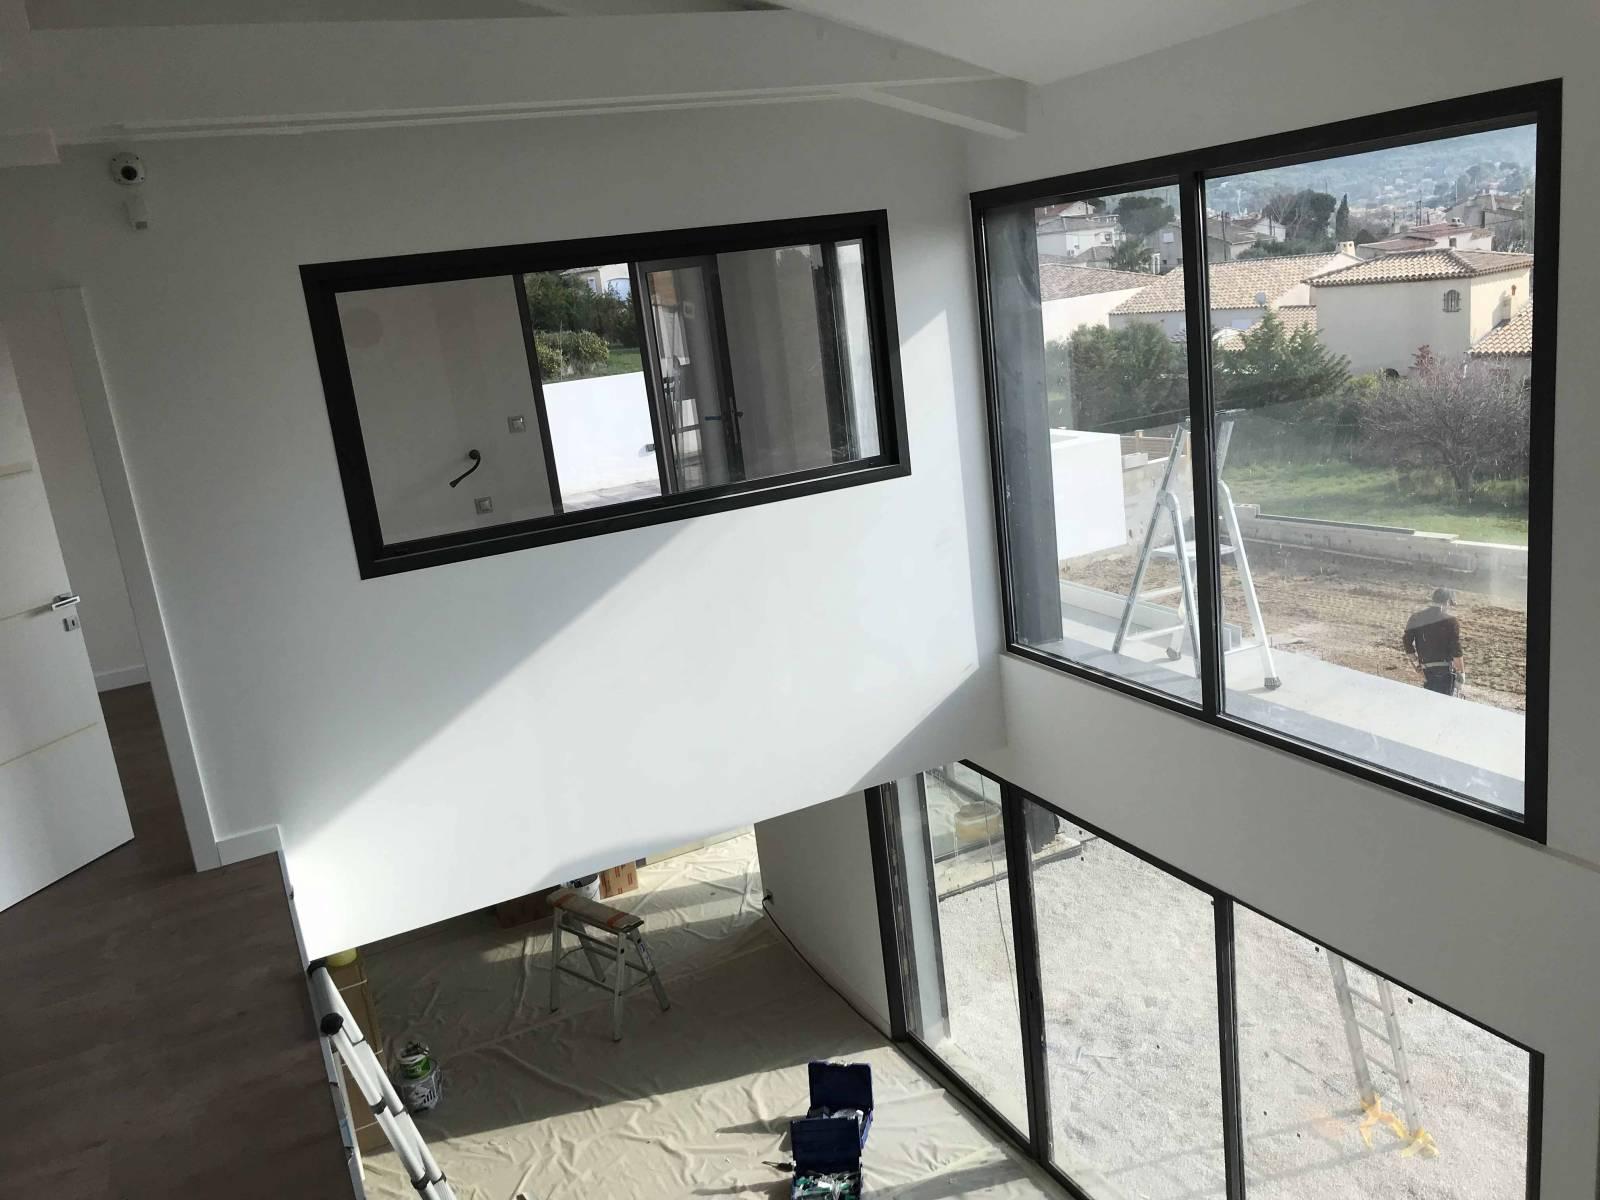 Fenêtre en aluminium gris anthracite Sud Profil - Grand Sud Habitat